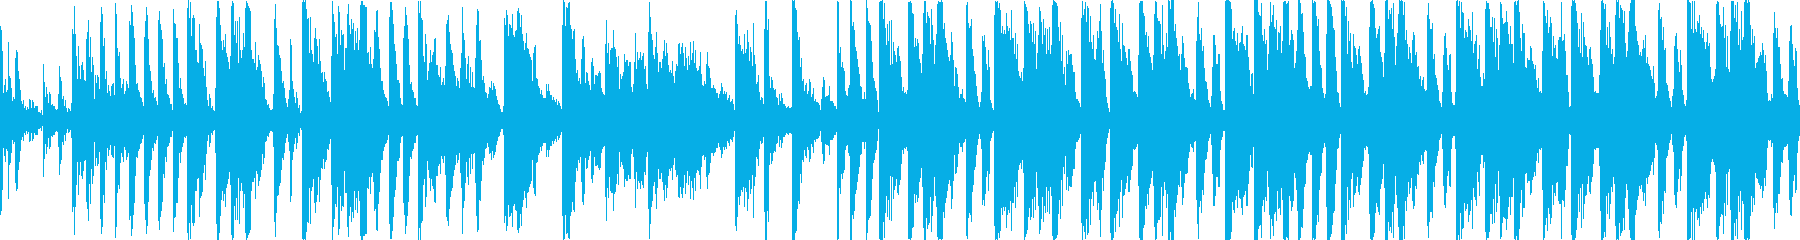 【15秒】ファンキーなブレイクビーツの再生済みの波形